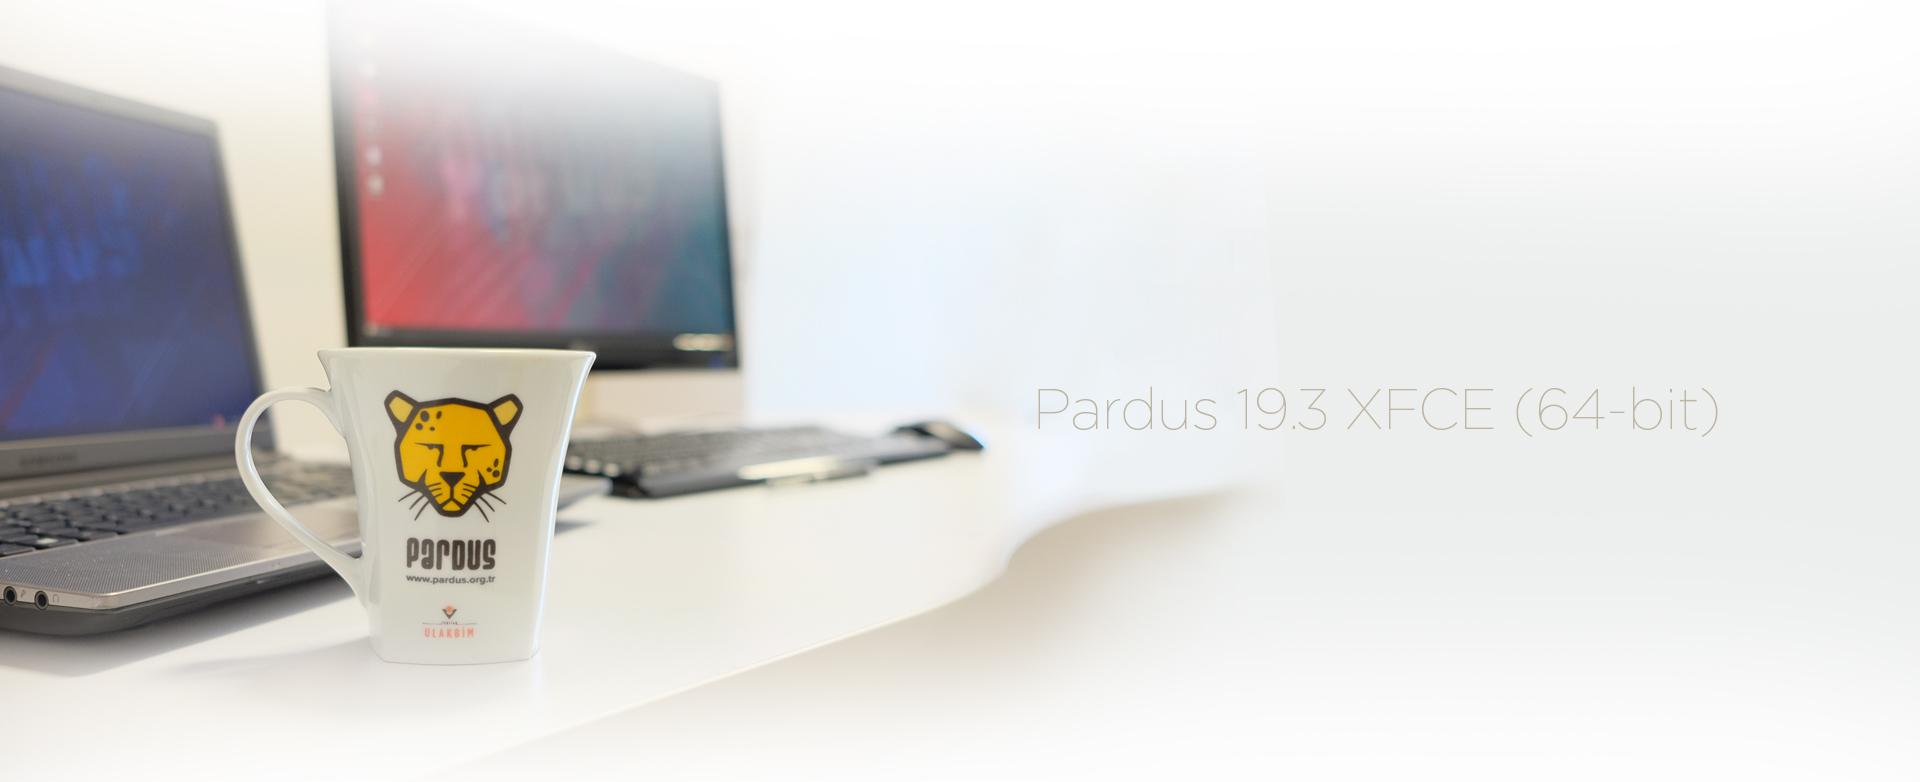 Pardus-19-3-Xfce